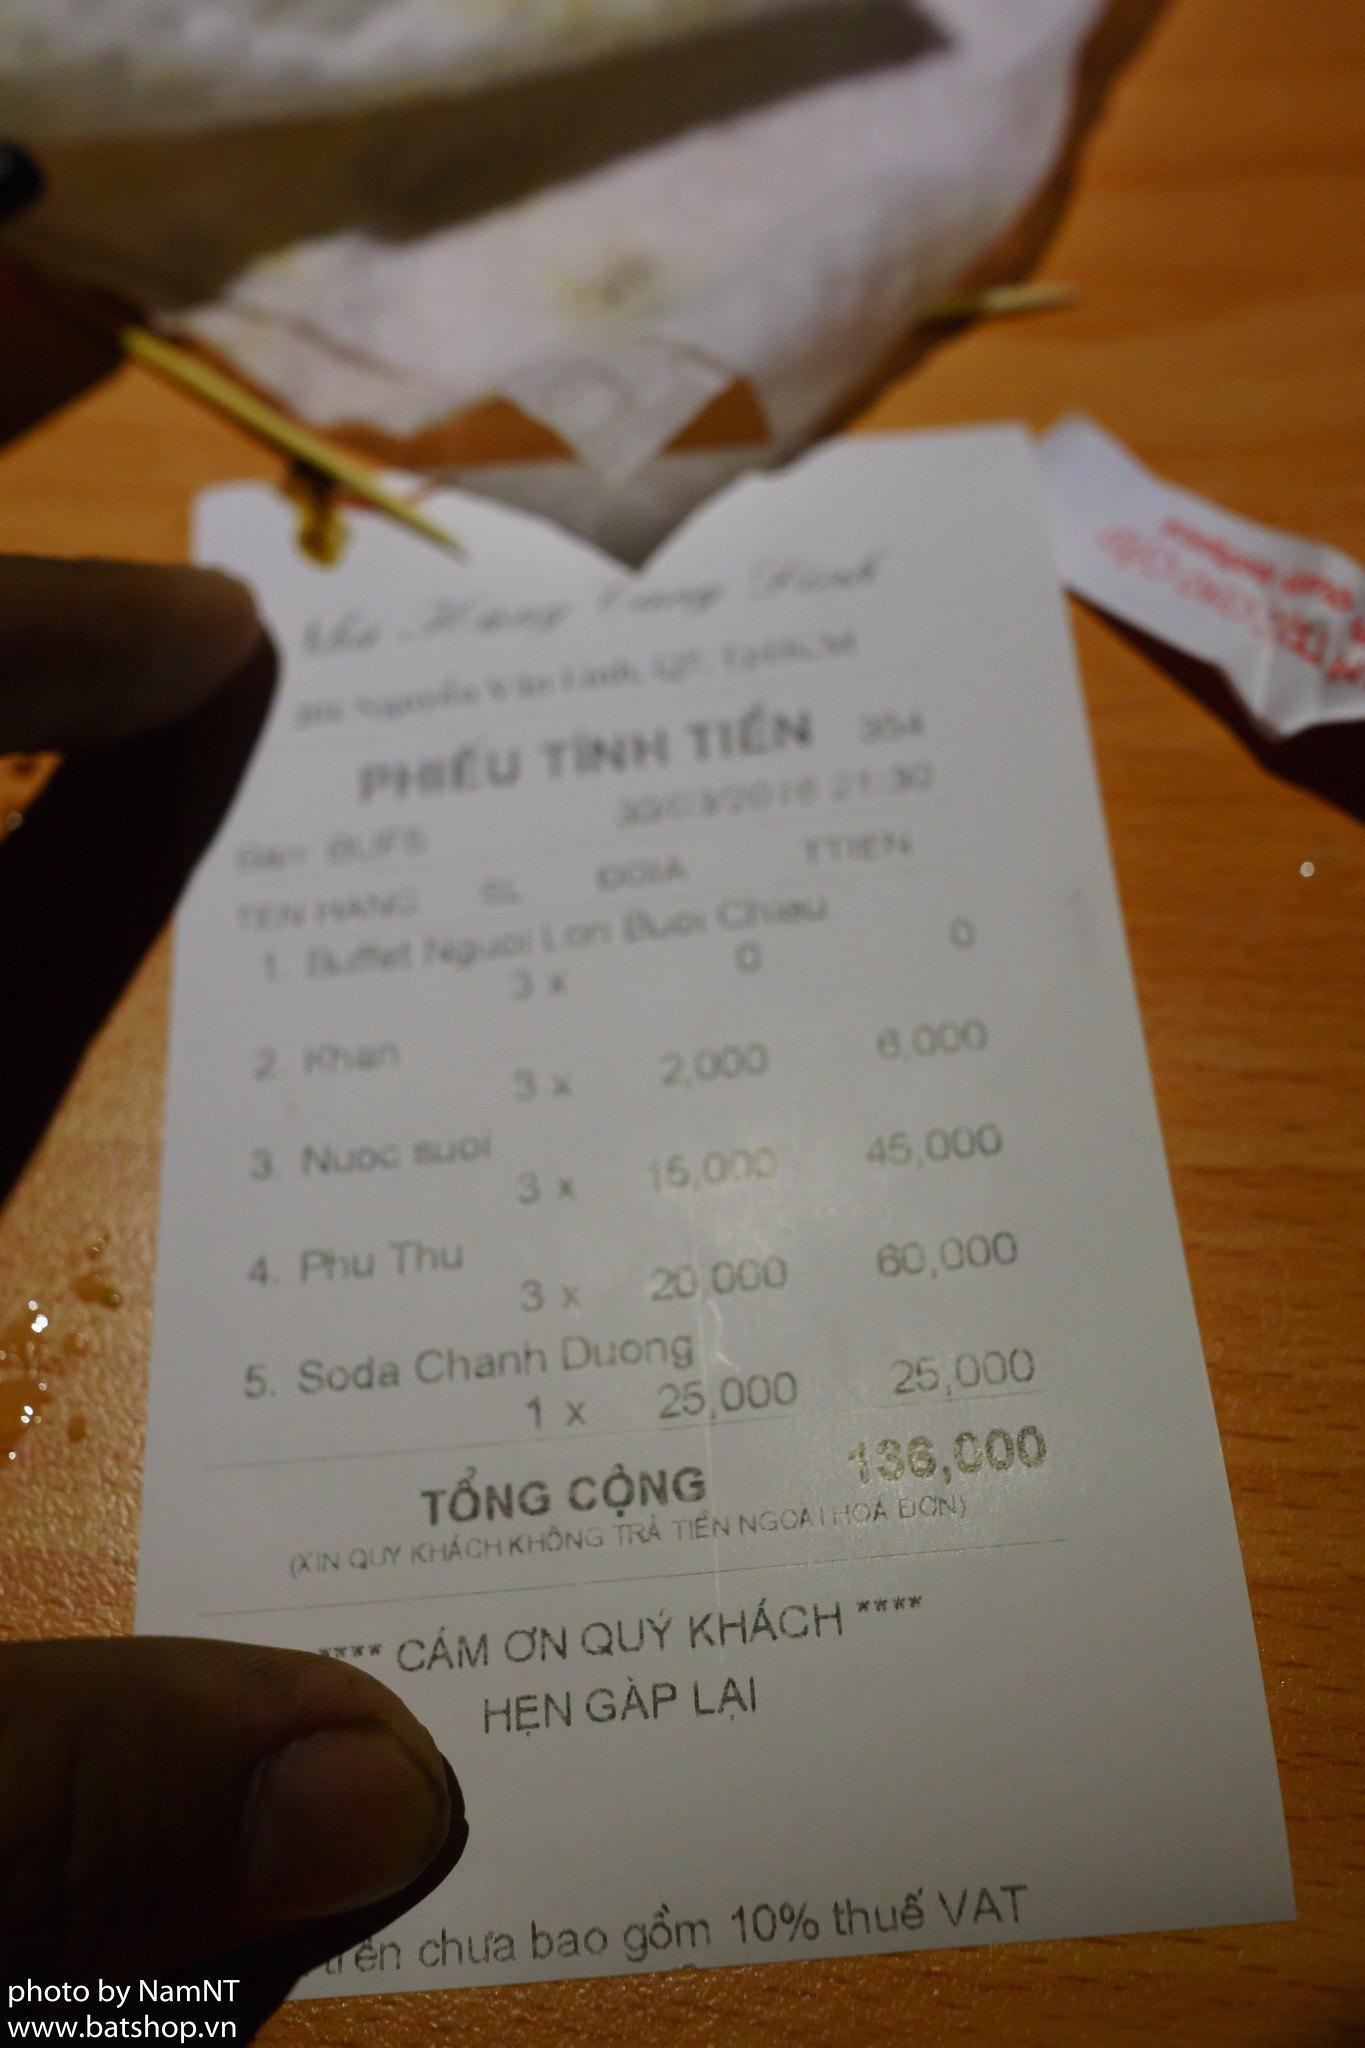 26055037352 f119628ff7 k - Buffet Cung Đình - Buffet ngon, giá okie có điều hơi xa